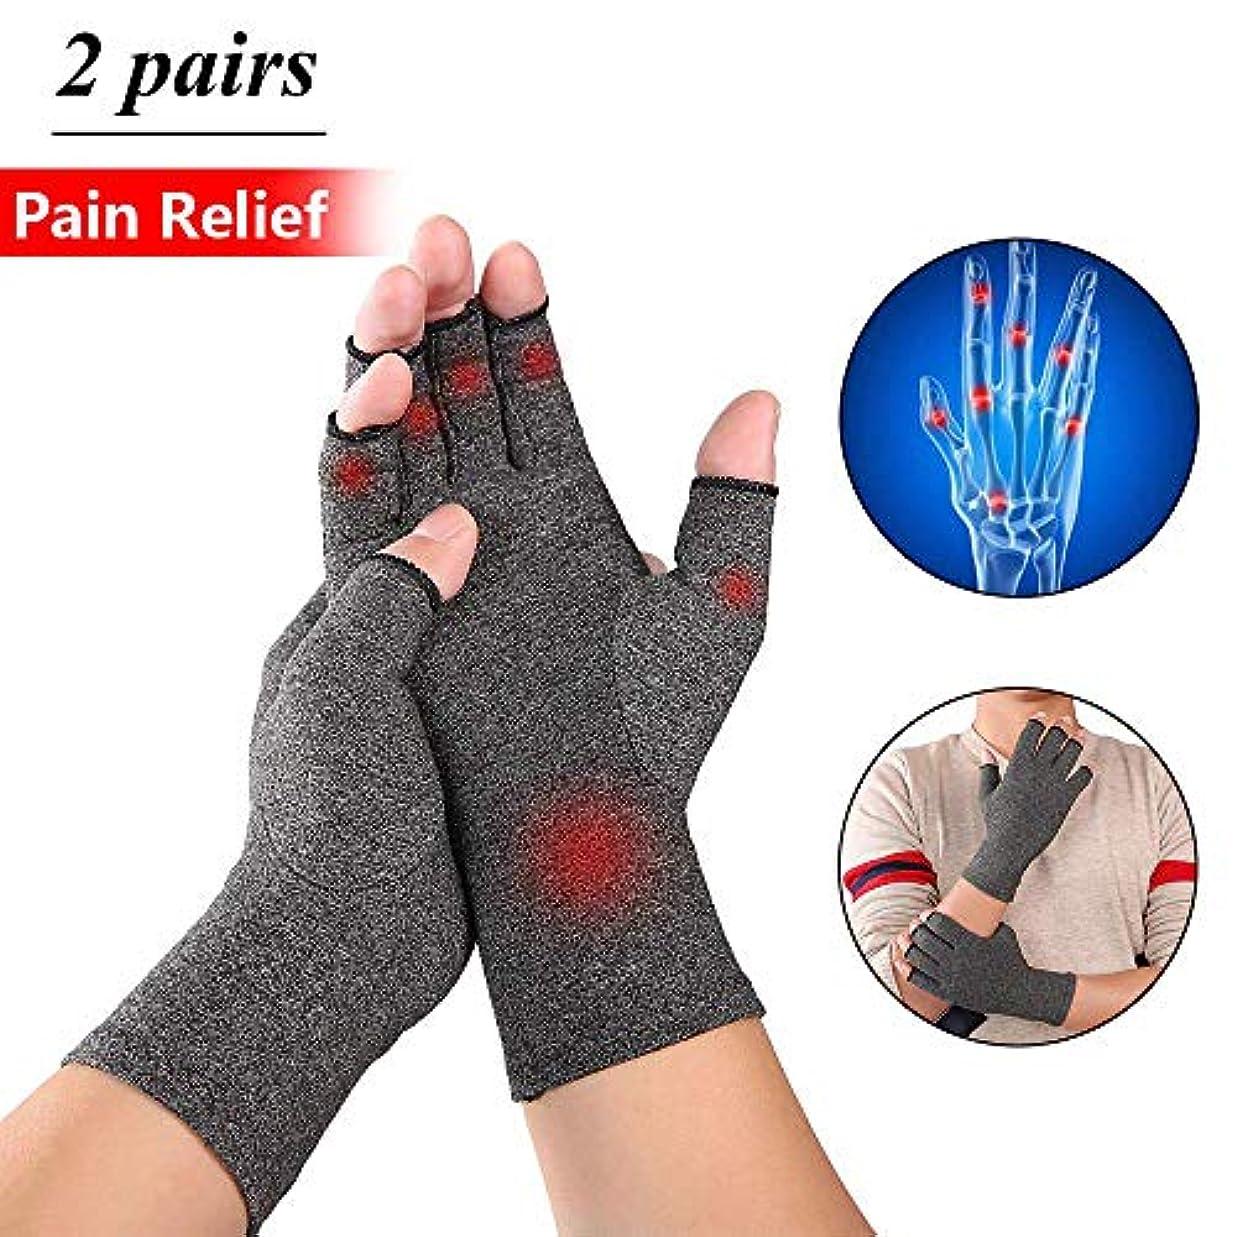 構想するアサー魅惑するリウマチ&変形性関節症のための圧縮関節炎手袋、 - 関節の痛みと心皮トンネル救済 - 男性&女性(2組)